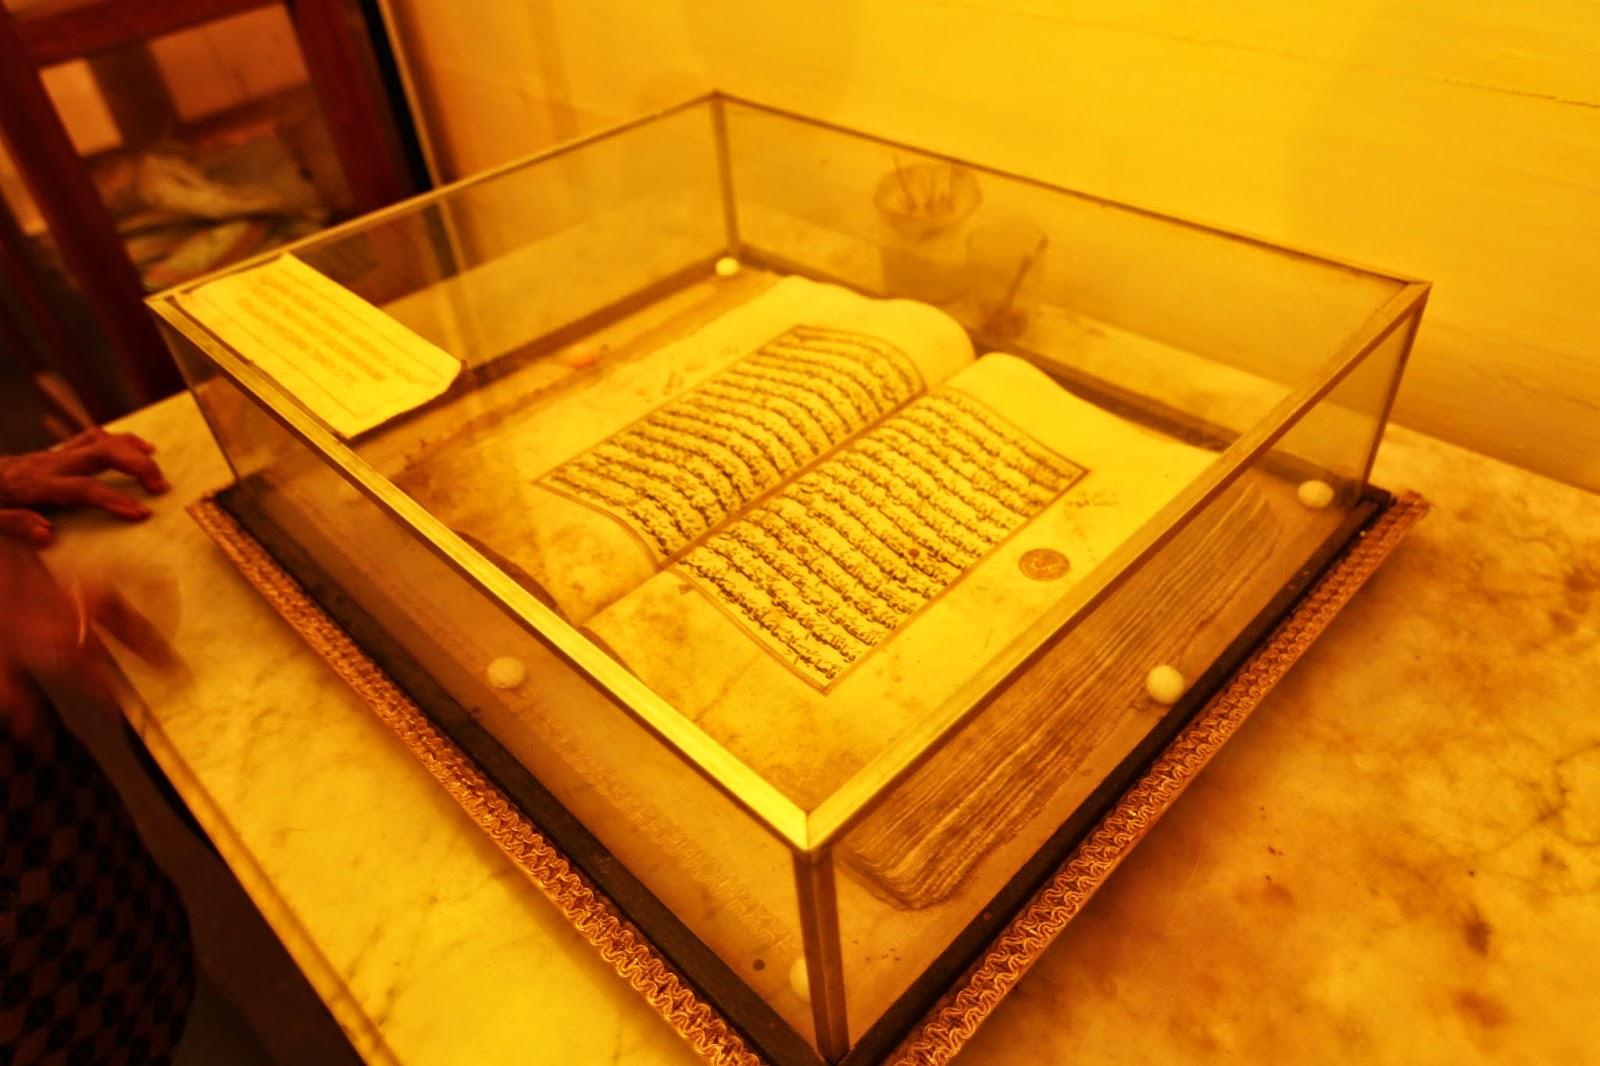 Al-Quraan yang dipercayai hasil tulisan tangan Sultan Syarif Muhammad alKadrie